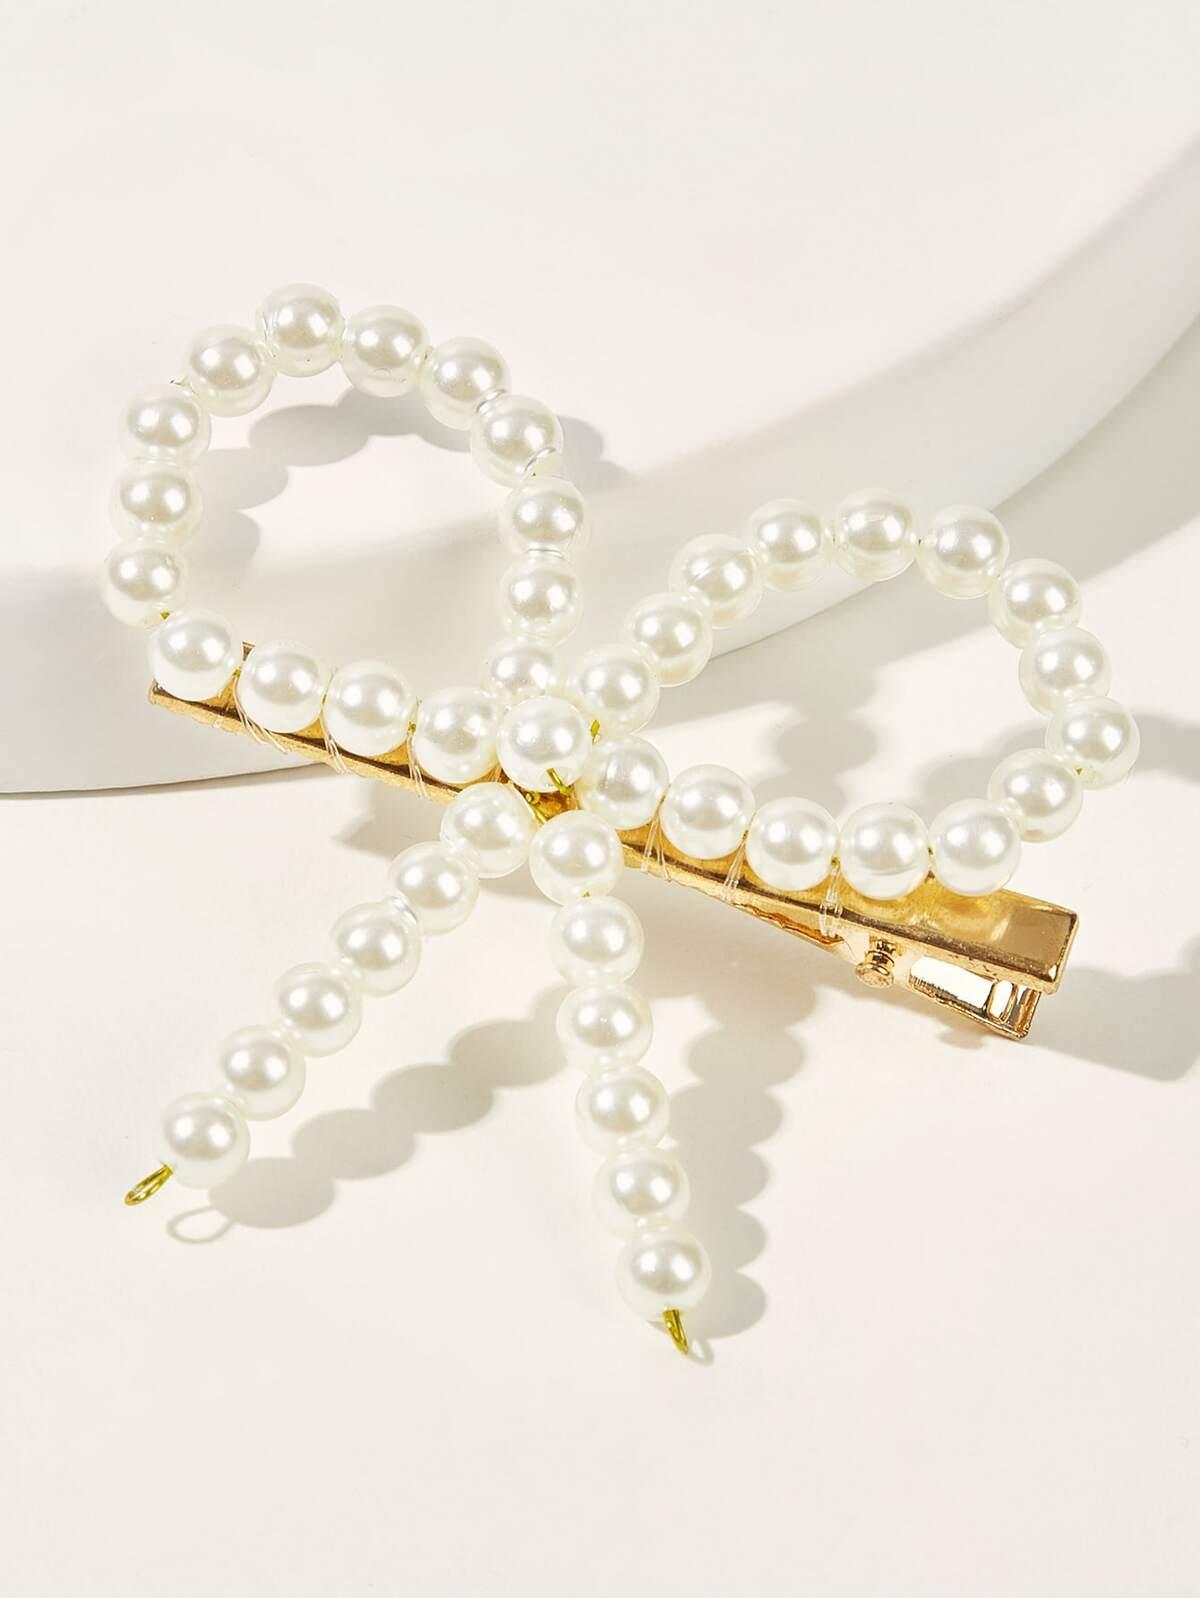 人造的  珍珠色  裝飾 蝴蝶結 結 頭髮 扣夾